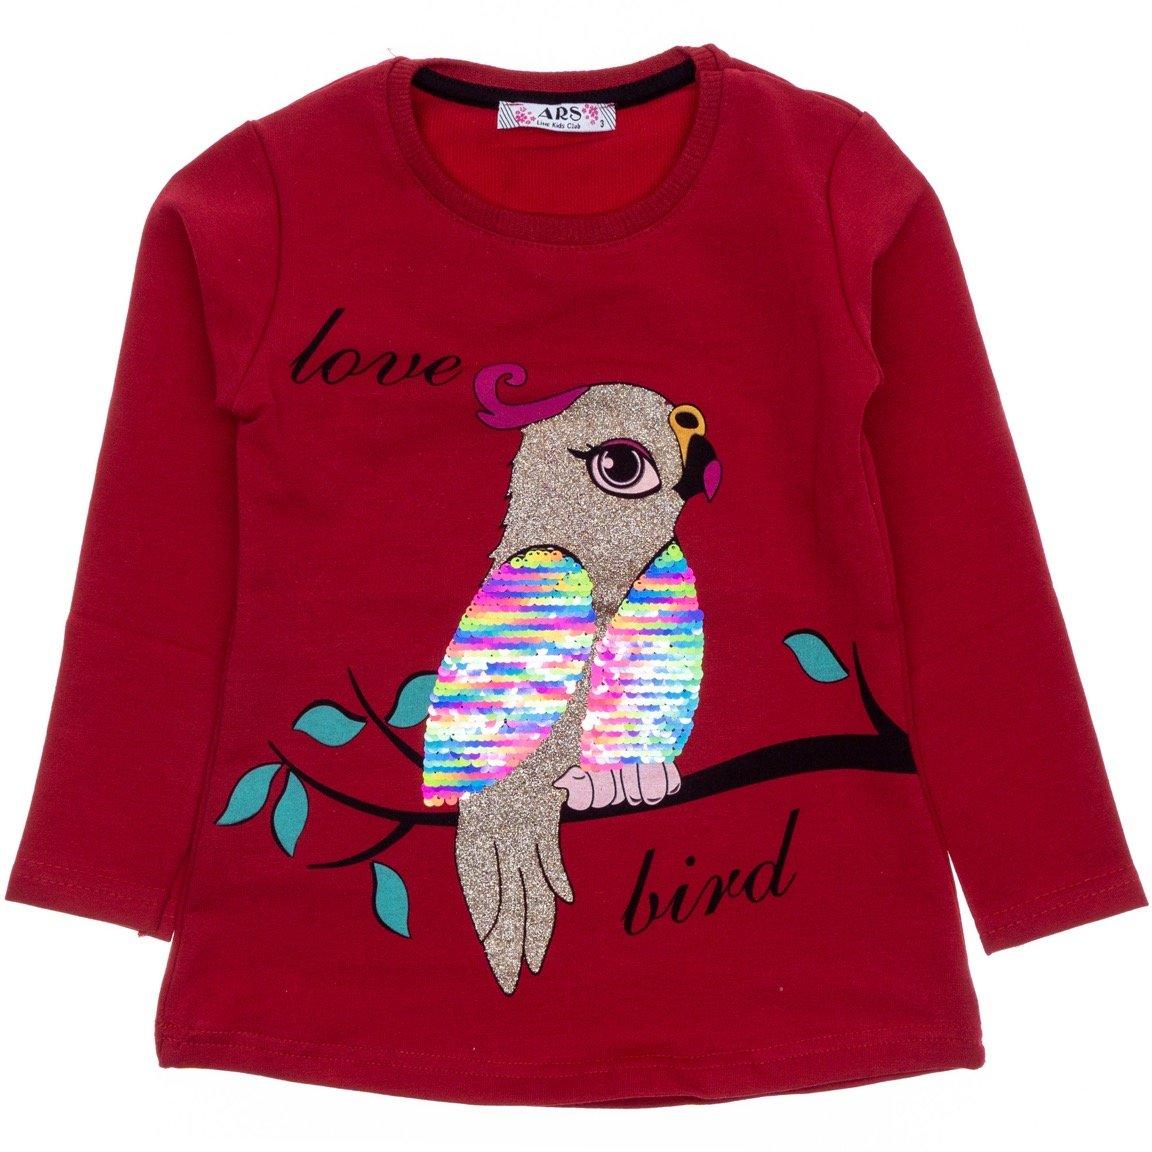 ARS παιδική εποχιακή μπλούζα «Love Bird»